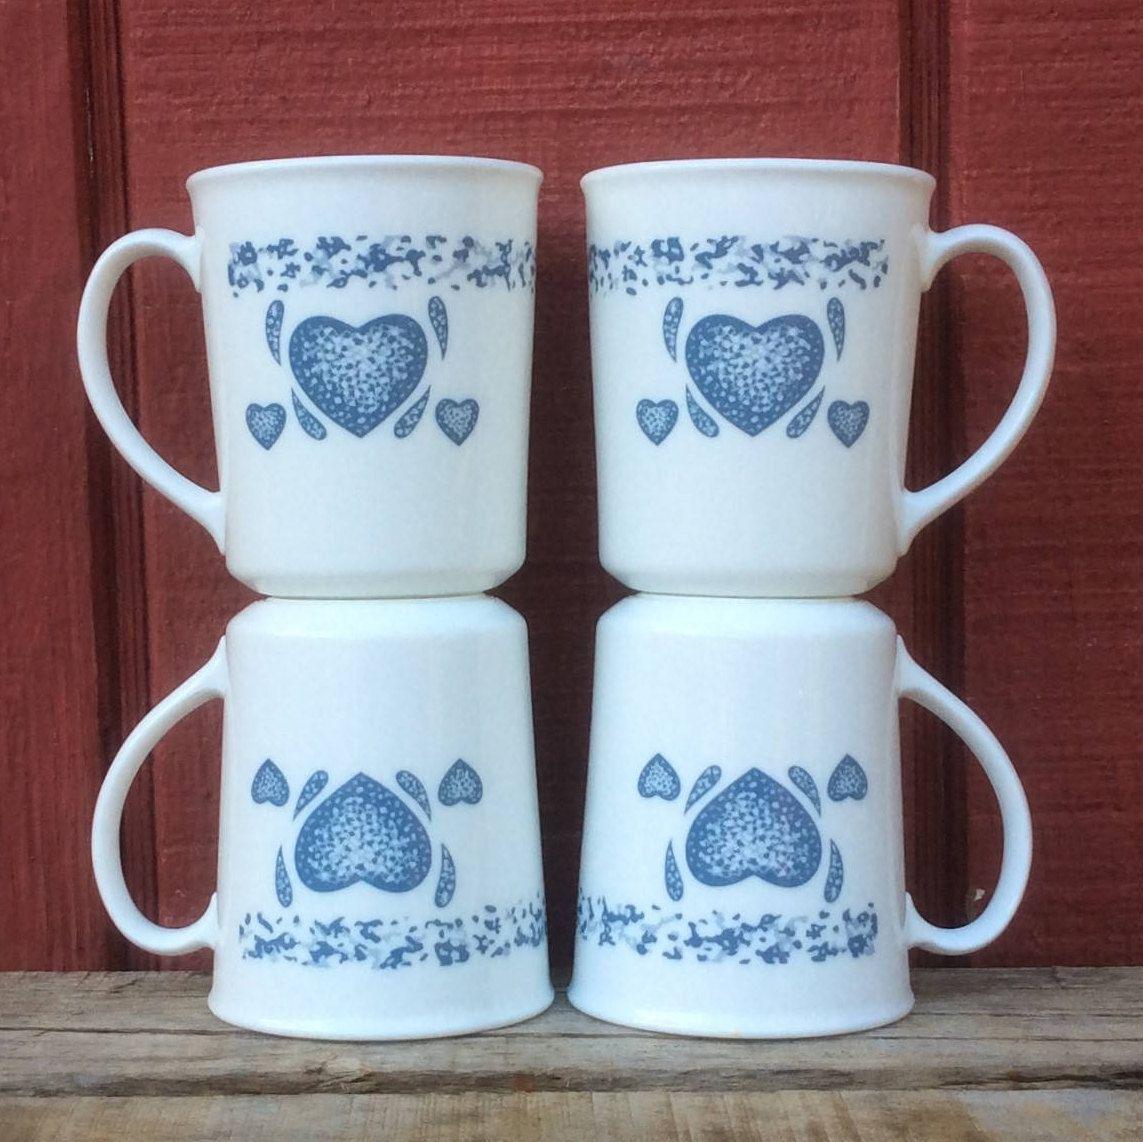 1980 S Vintage 10oz Corning Blue Hearts Mugs Corning Coffee Cups Blue Hearts Mug Corning Blue Heart Cup 10 Oz Teacup Teacups Mugs Blue Heart Corning